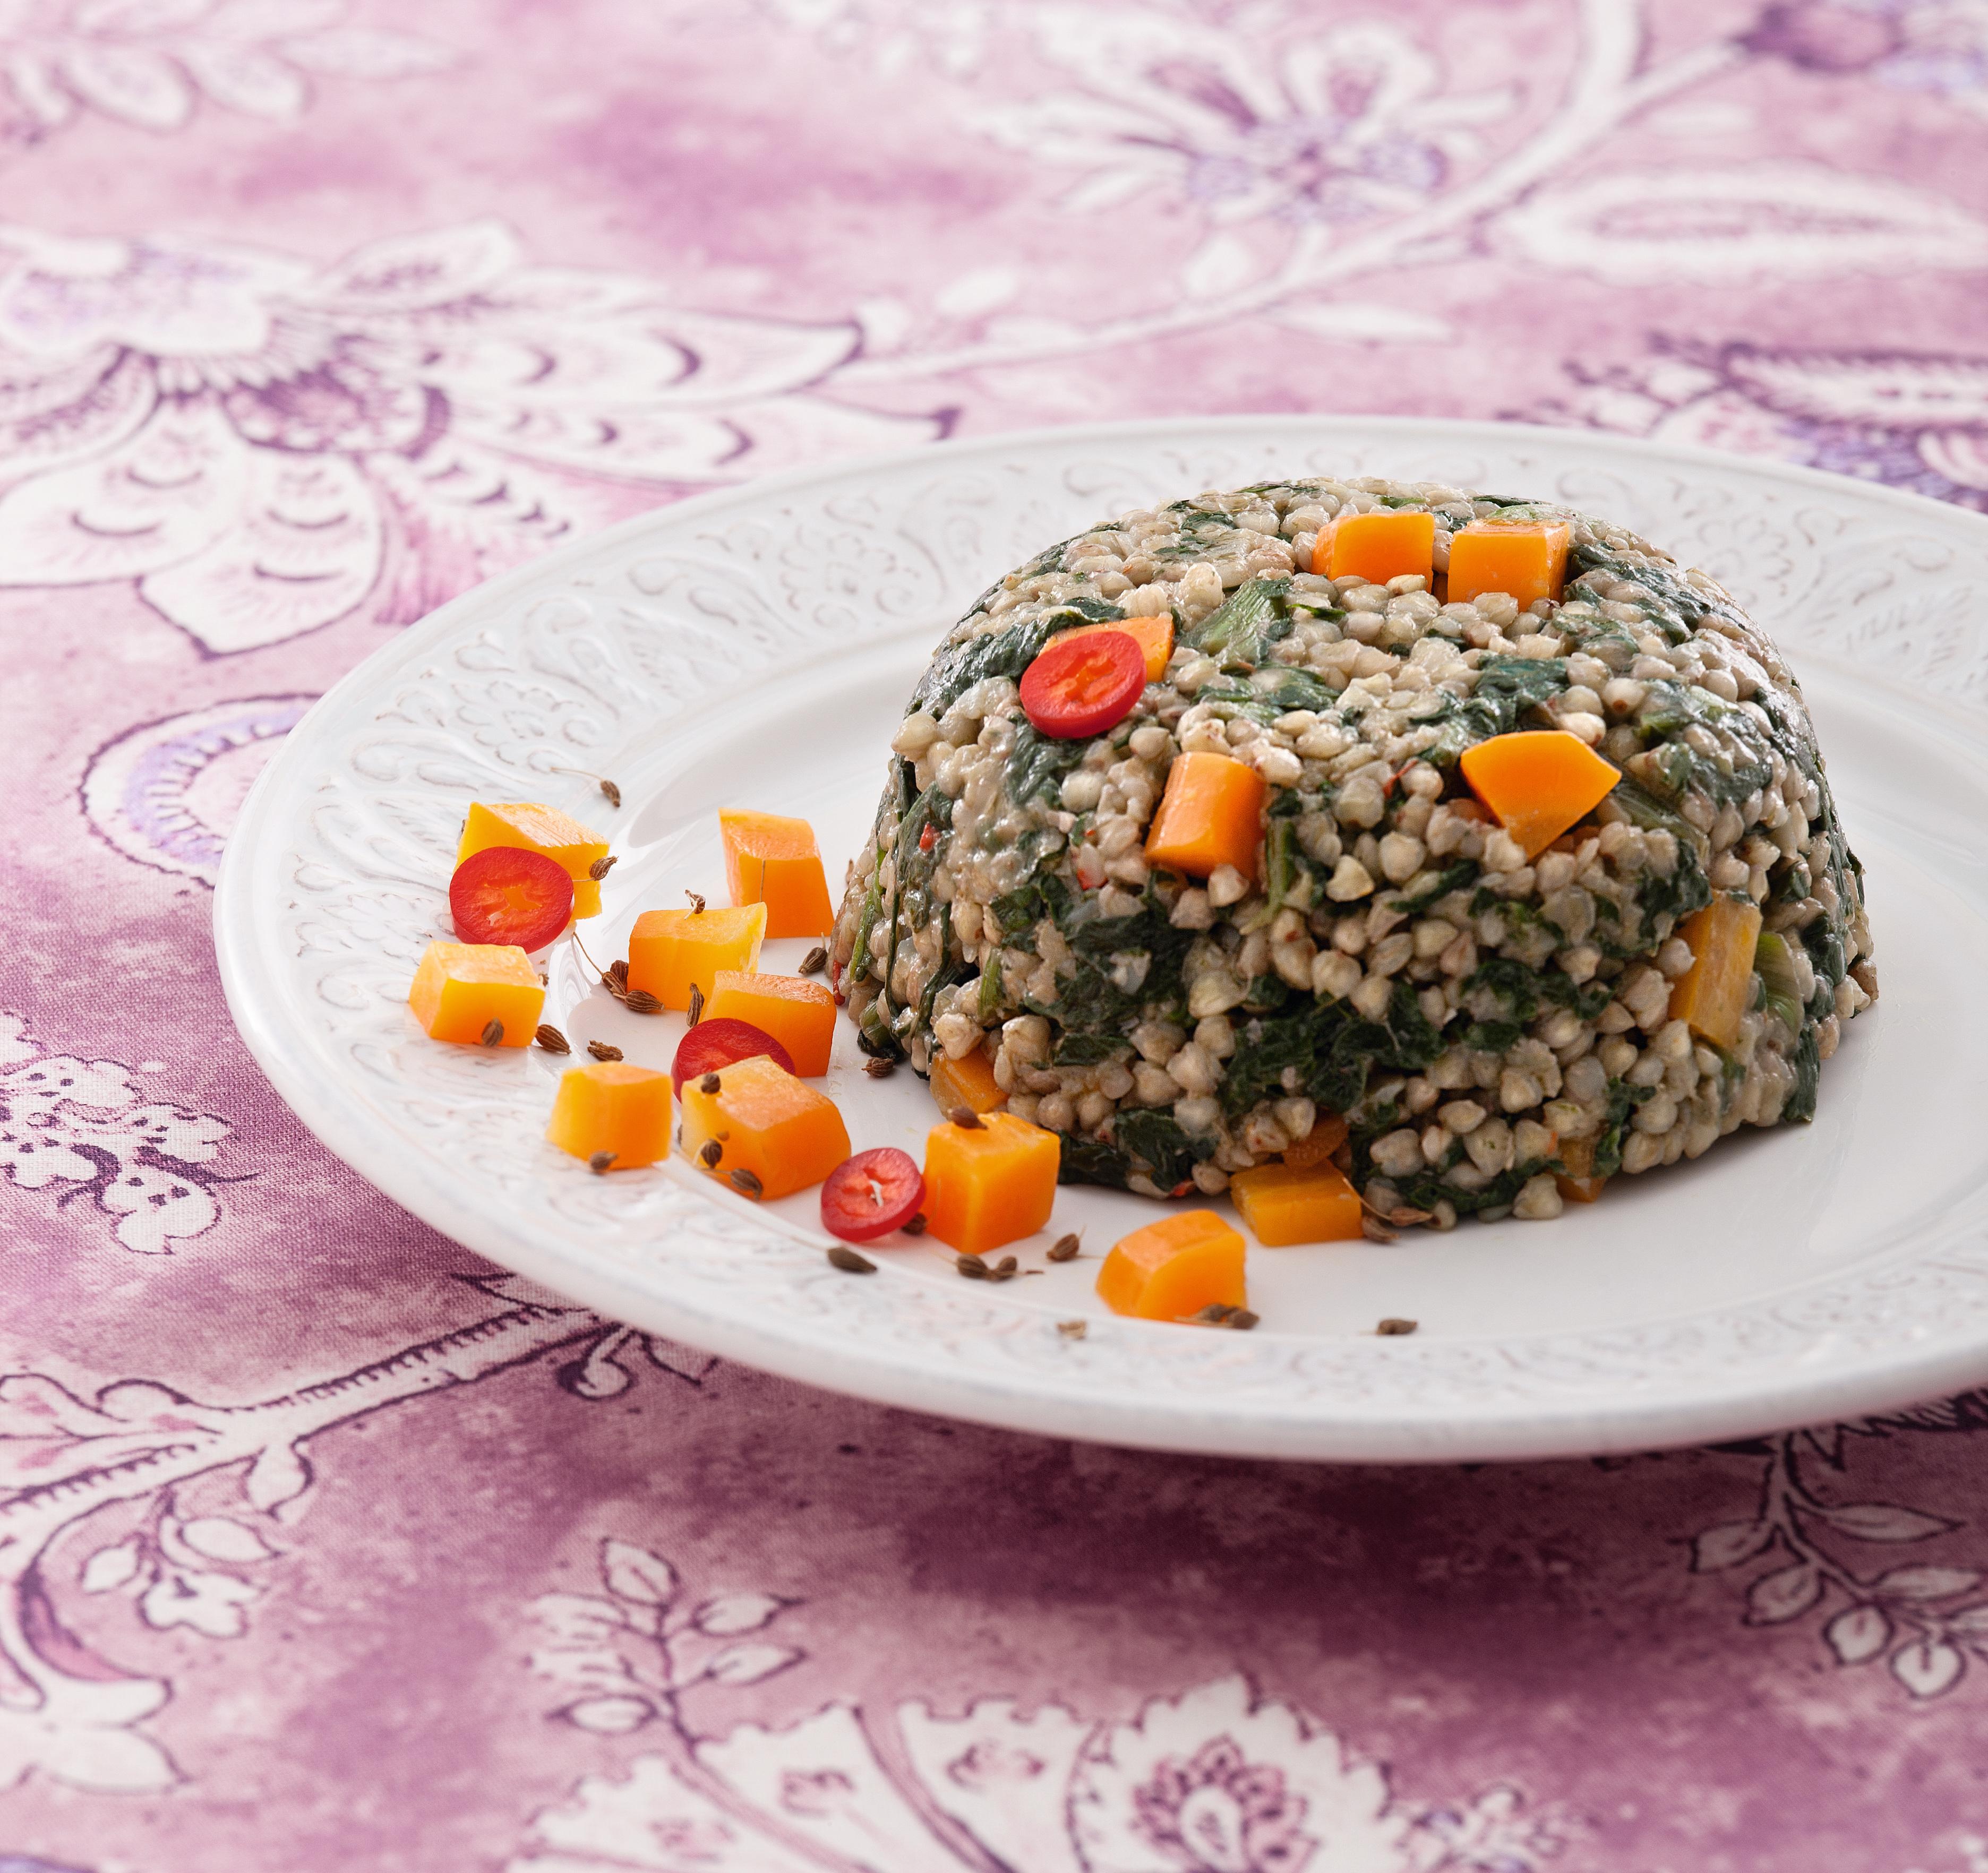 Cupolette di grano saraceno con erbette allo zenzero e carote